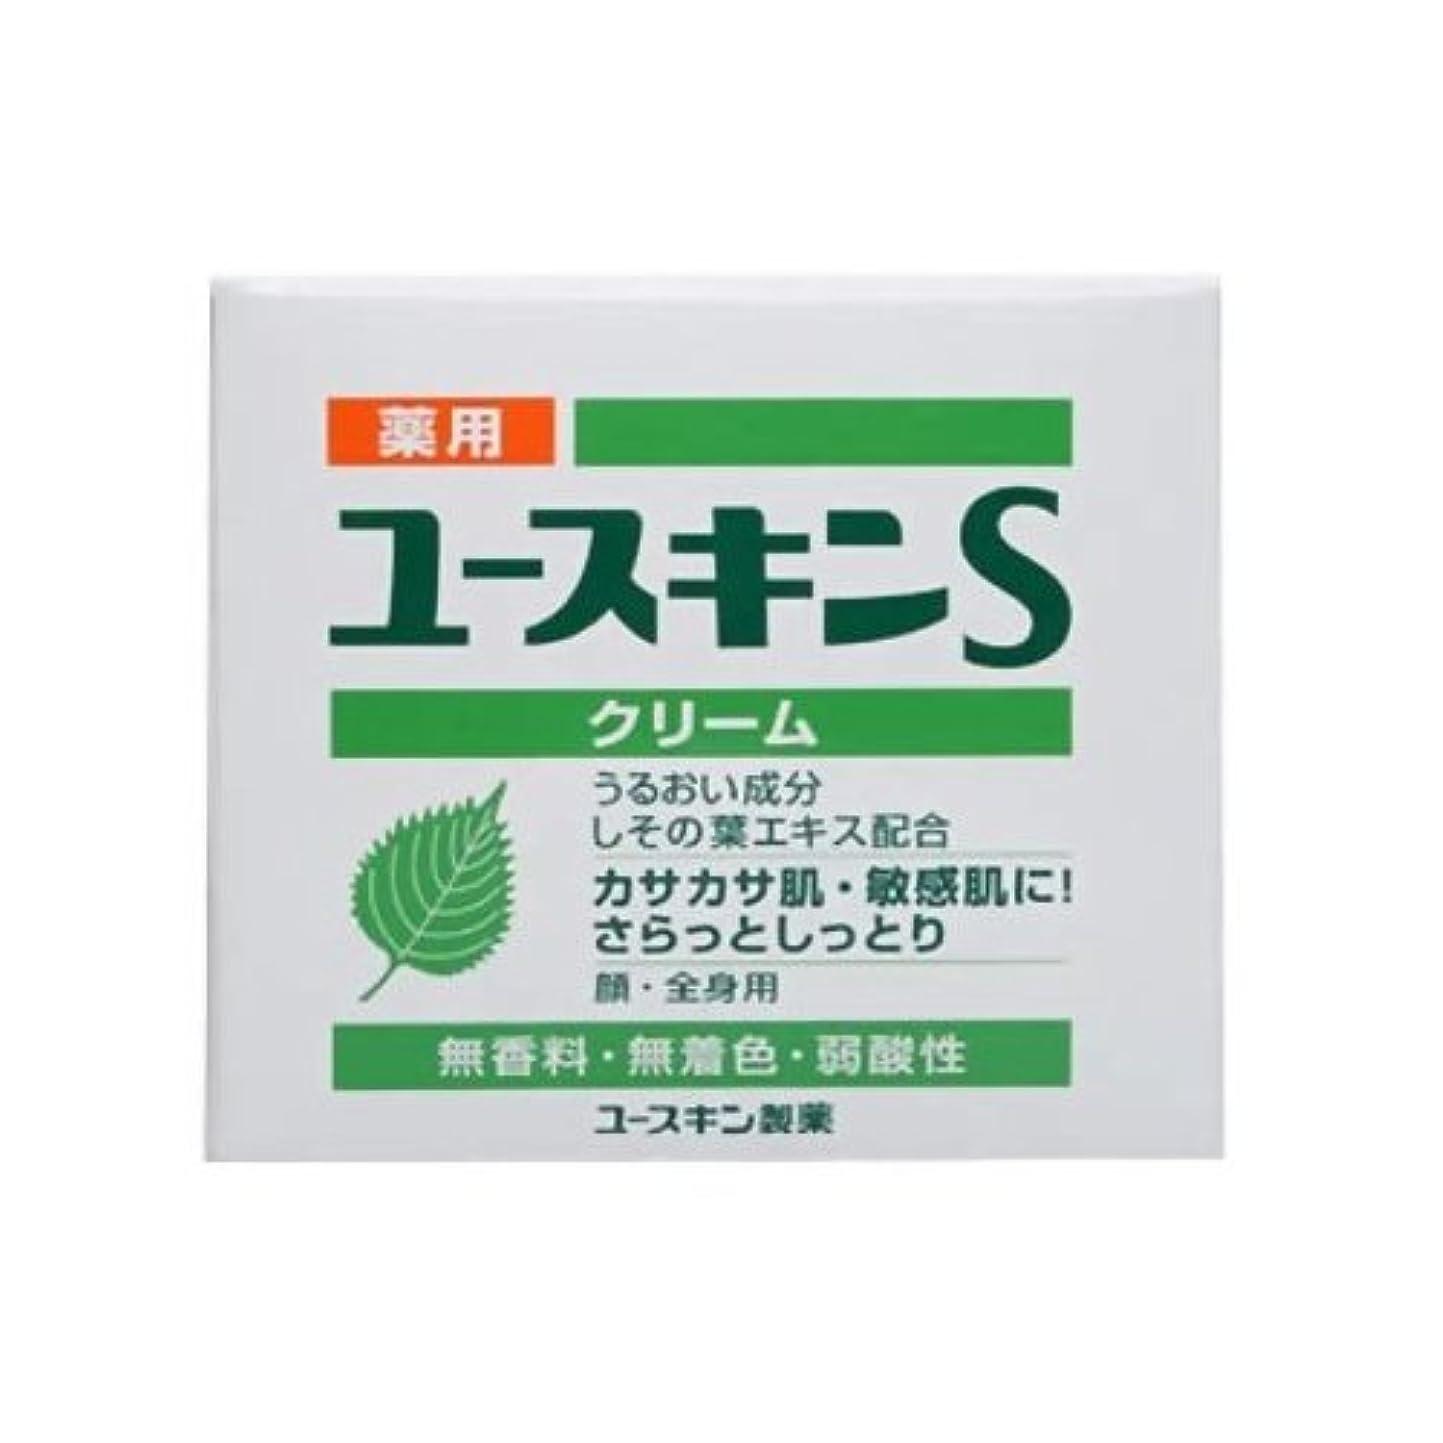 ペレットカエル発表する薬用ユースキンS クリーム 70g (敏感肌用 保湿クリーム) 【医薬部外品】